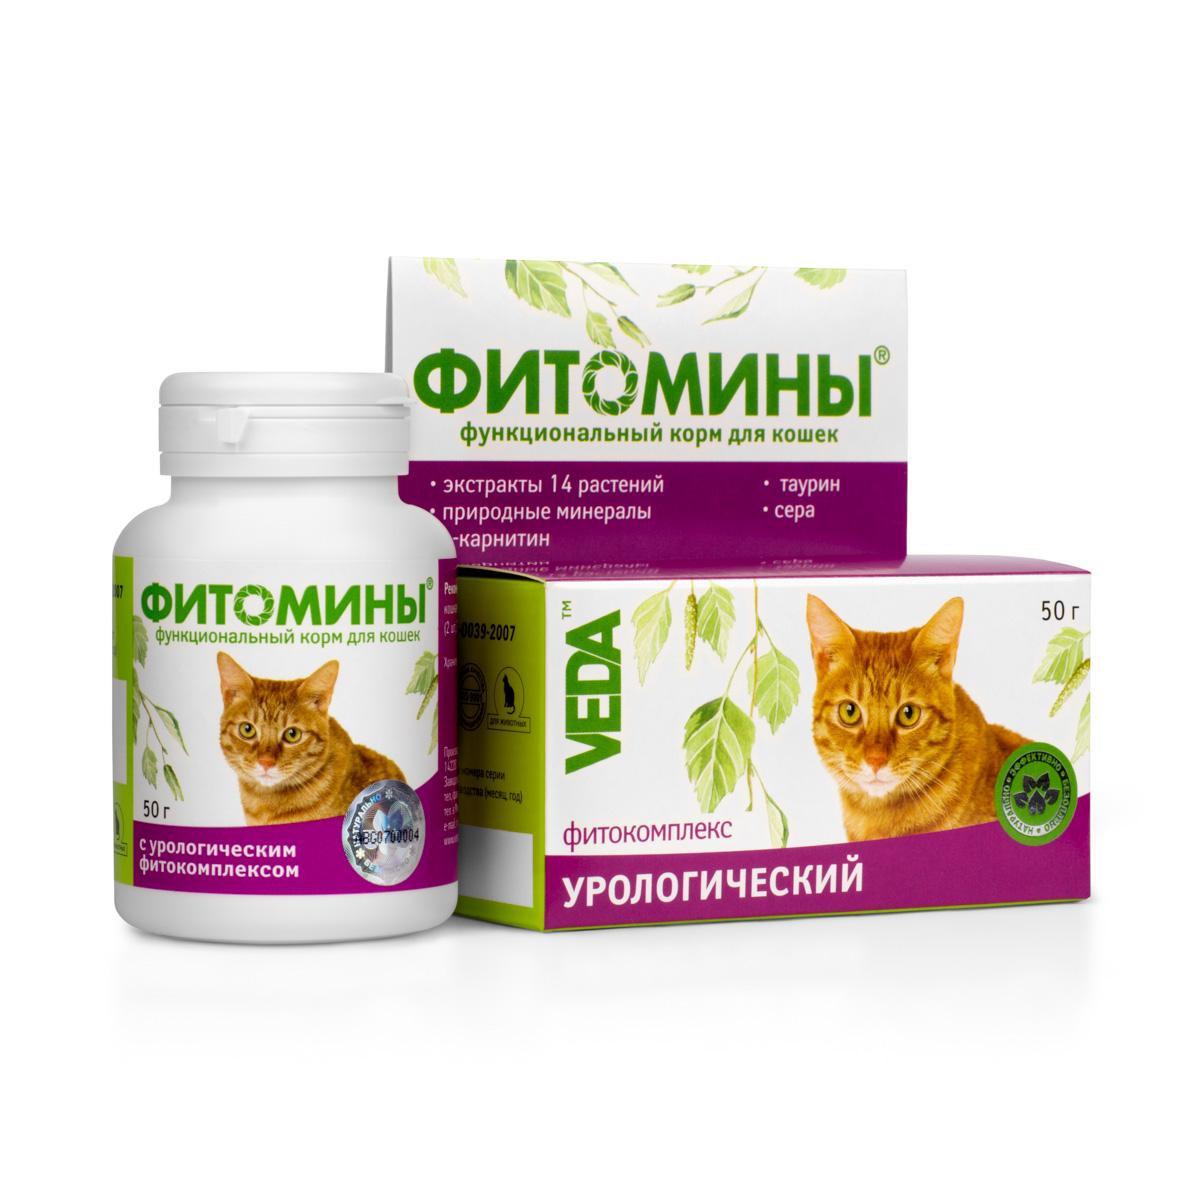 Фитомины функциональный корм для кошек с урологическим фитокомплексом, 50 г4605543005893Обладают камнерастворяющим и солевыводящим действием. Применяют кошкам, относящимся к группе риска – переболевшим, предрасположенным к заболеваниям мочевыделительной системы и кастрированным животным. Возможно применять совместно с препаратом КОТЭРВИН®.